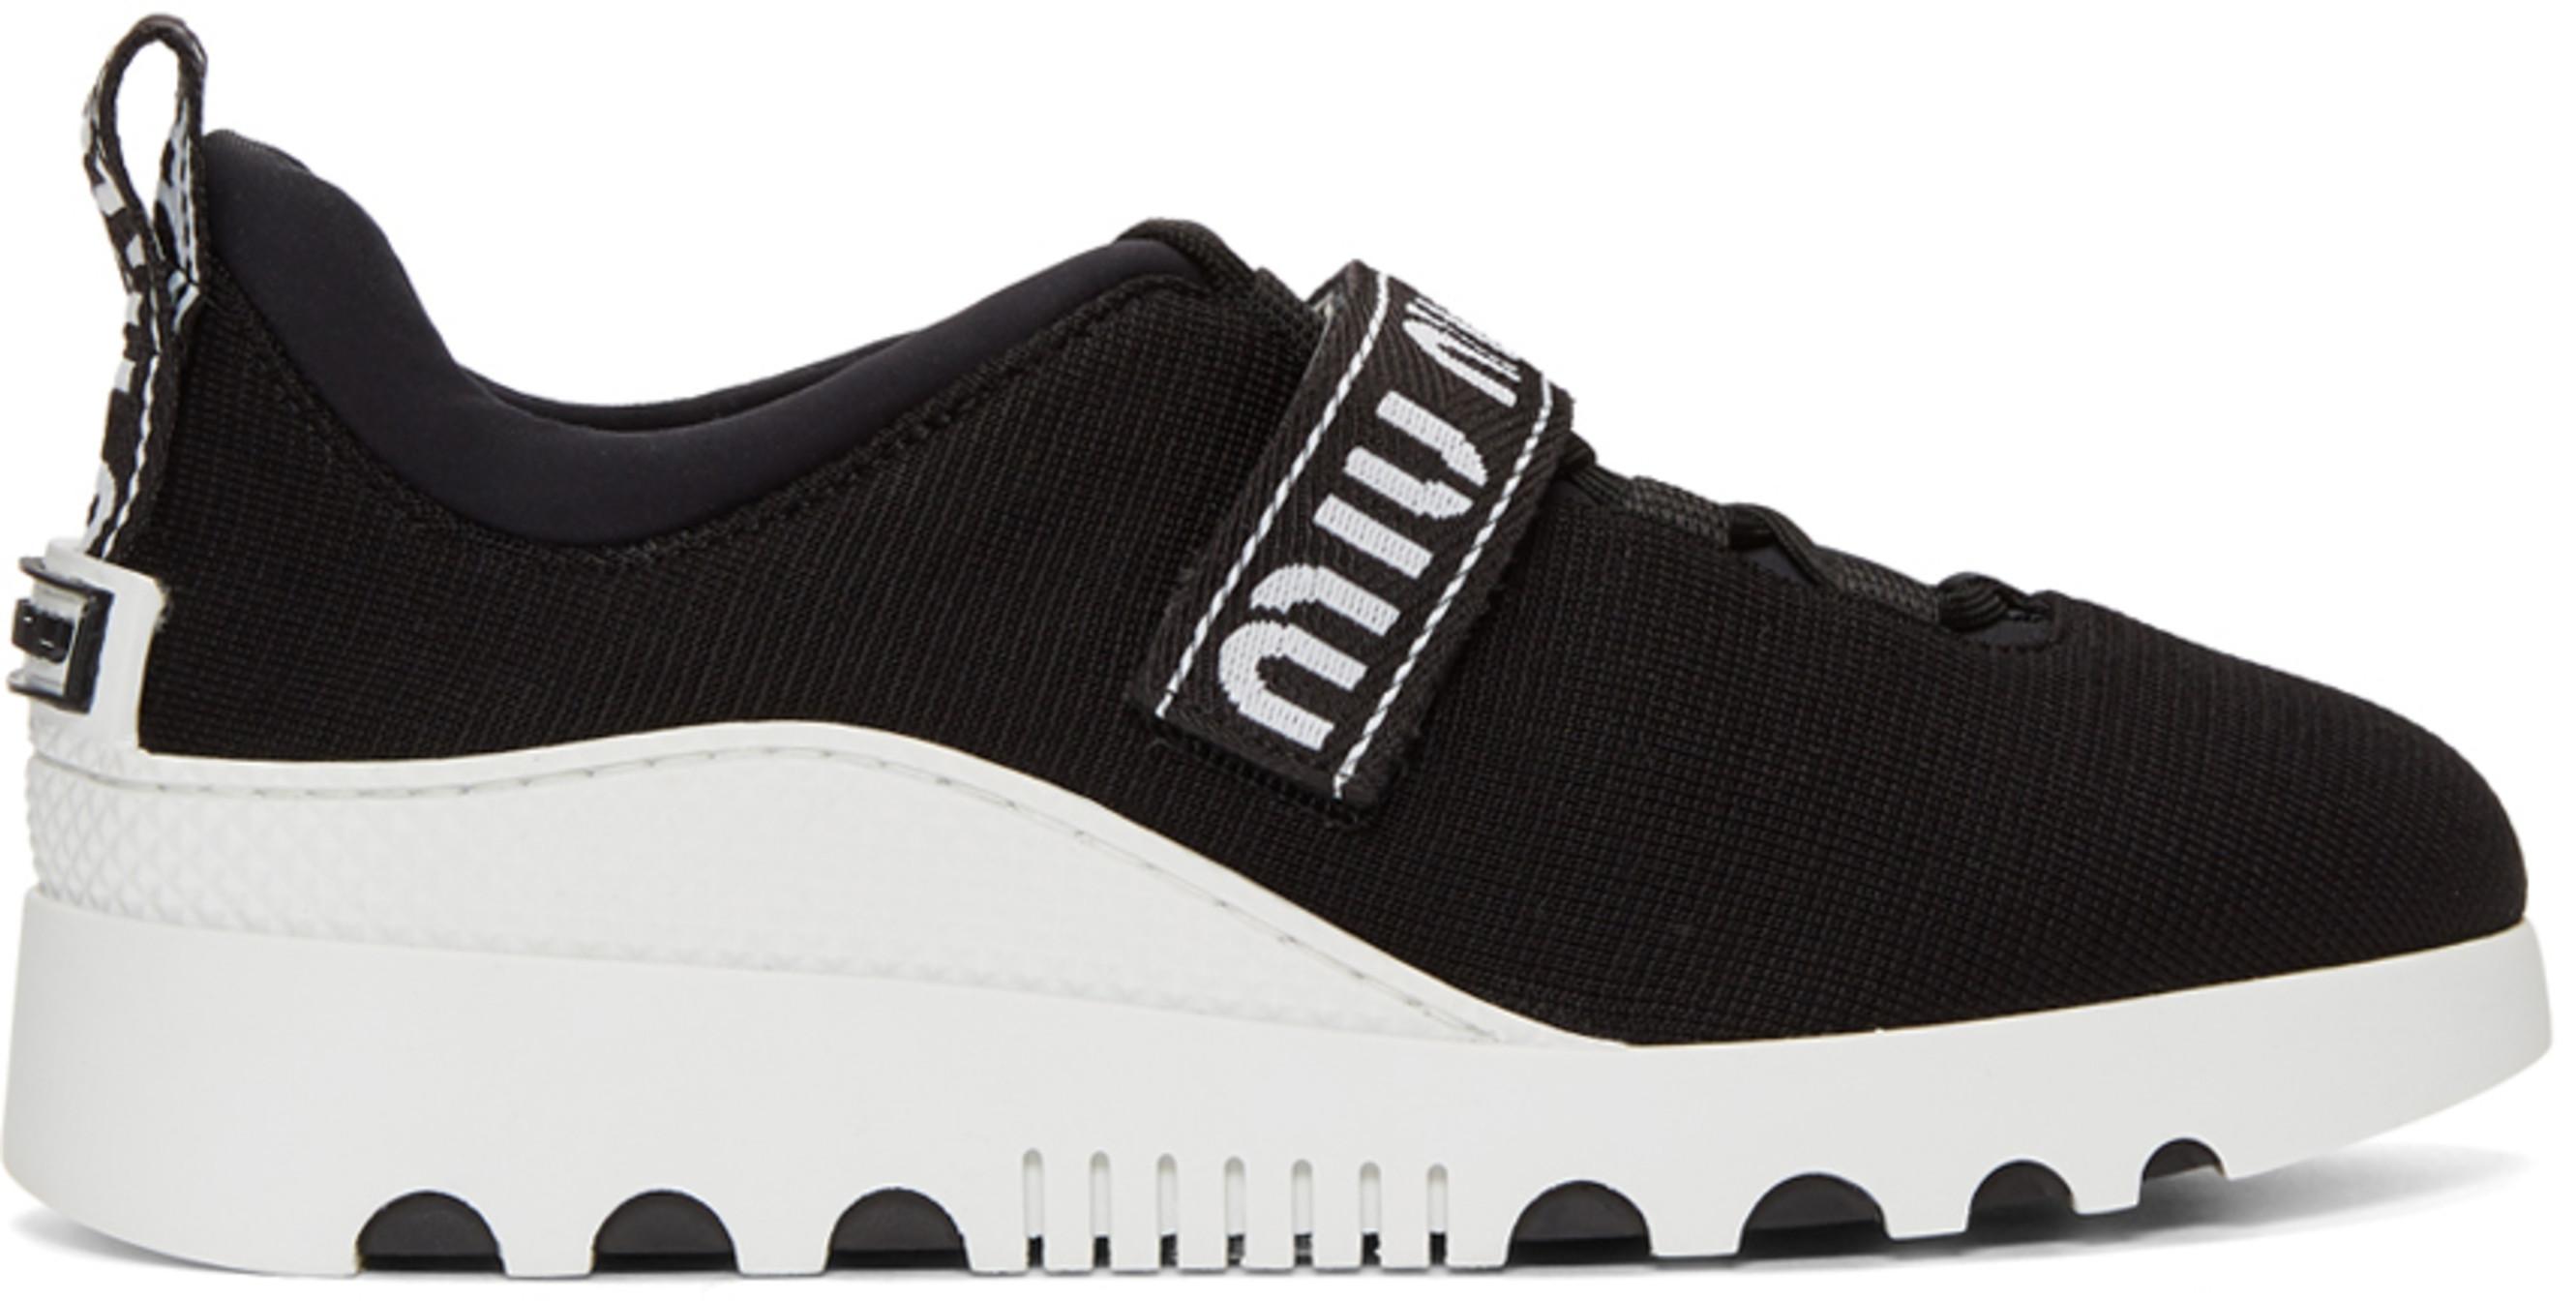 61fe8ca8479 Miu Miu shoes for Women